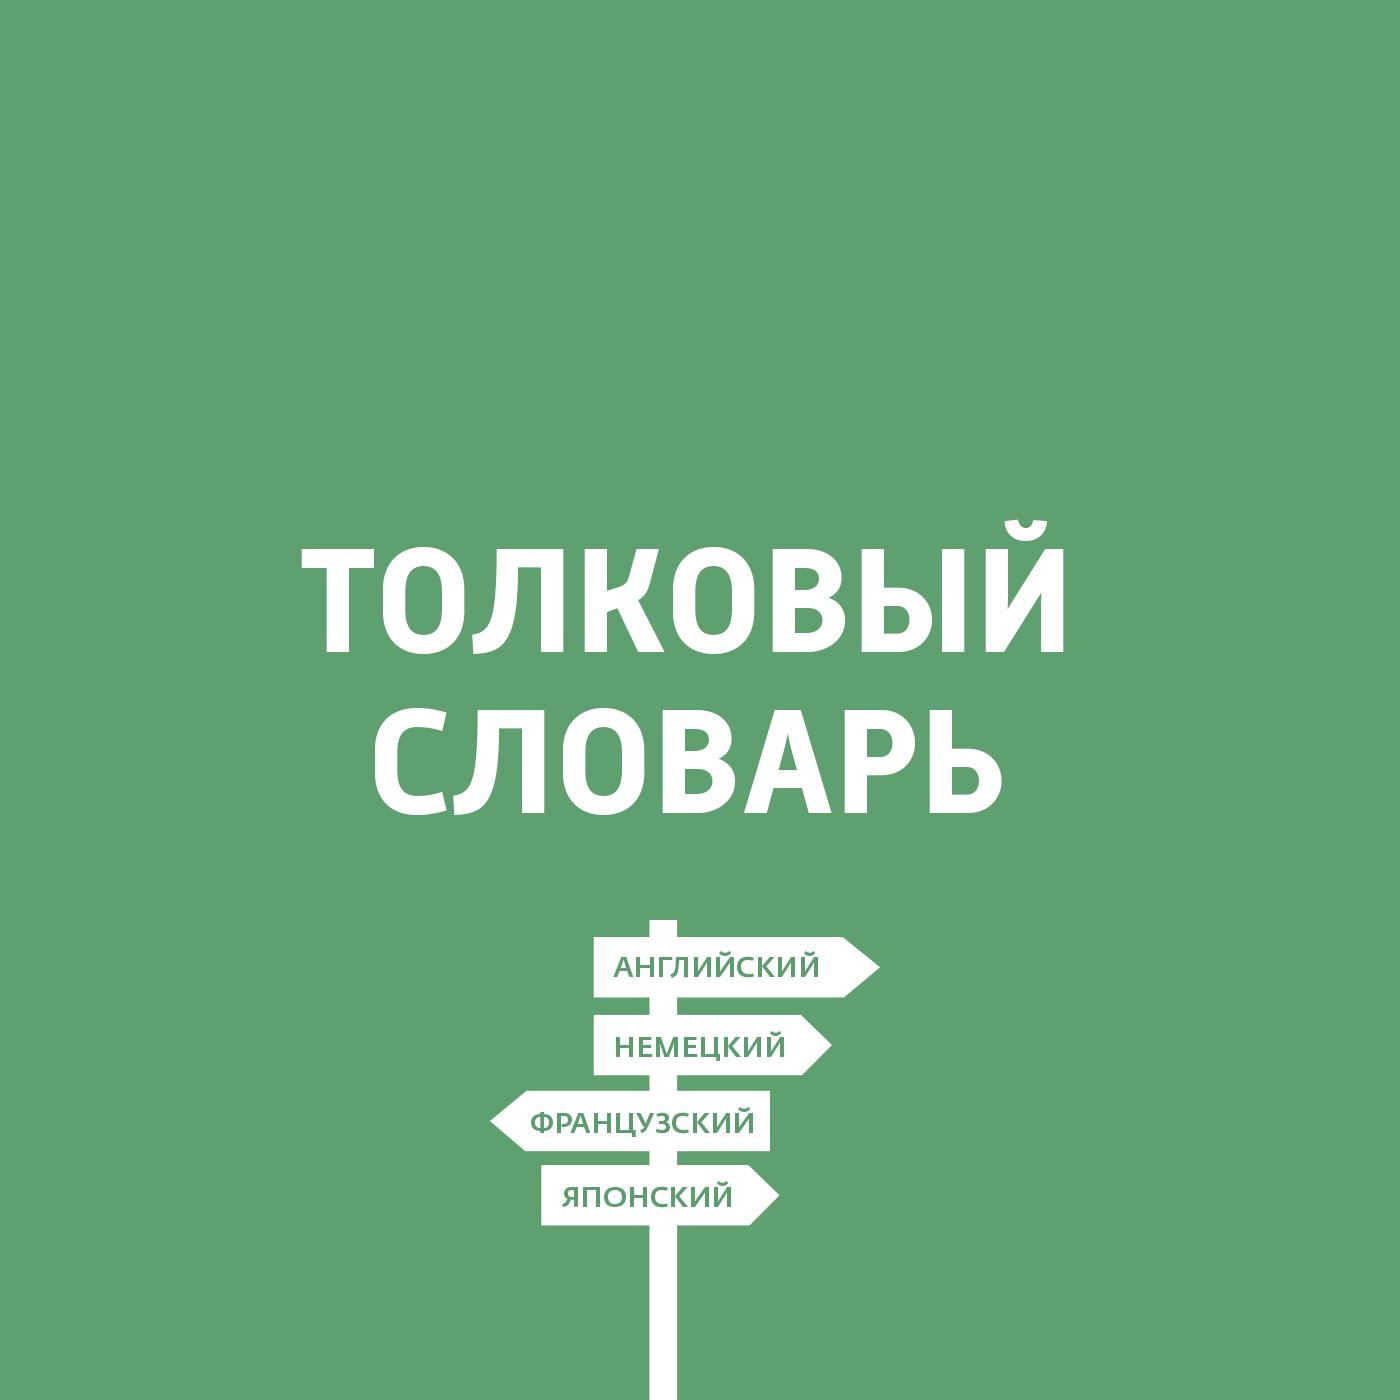 Дмитрий Петров Скандинавские языки цены